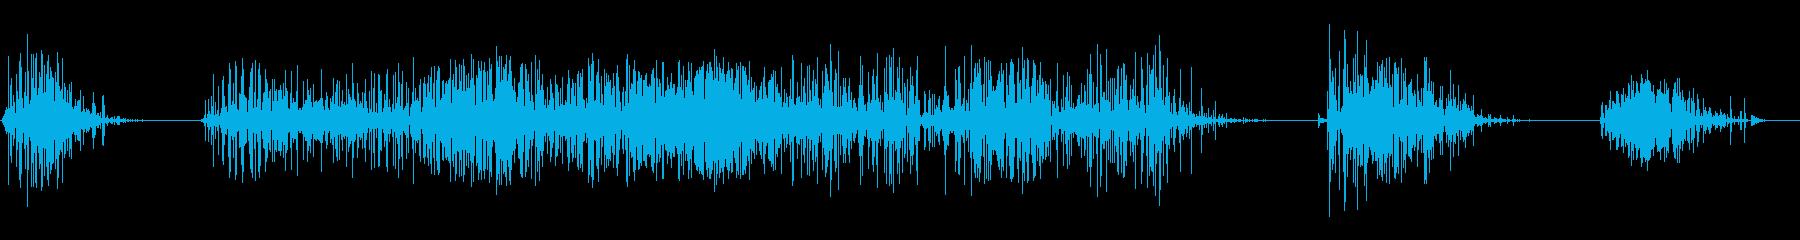 ショート、ロング、ボールダー&ミッ...の再生済みの波形